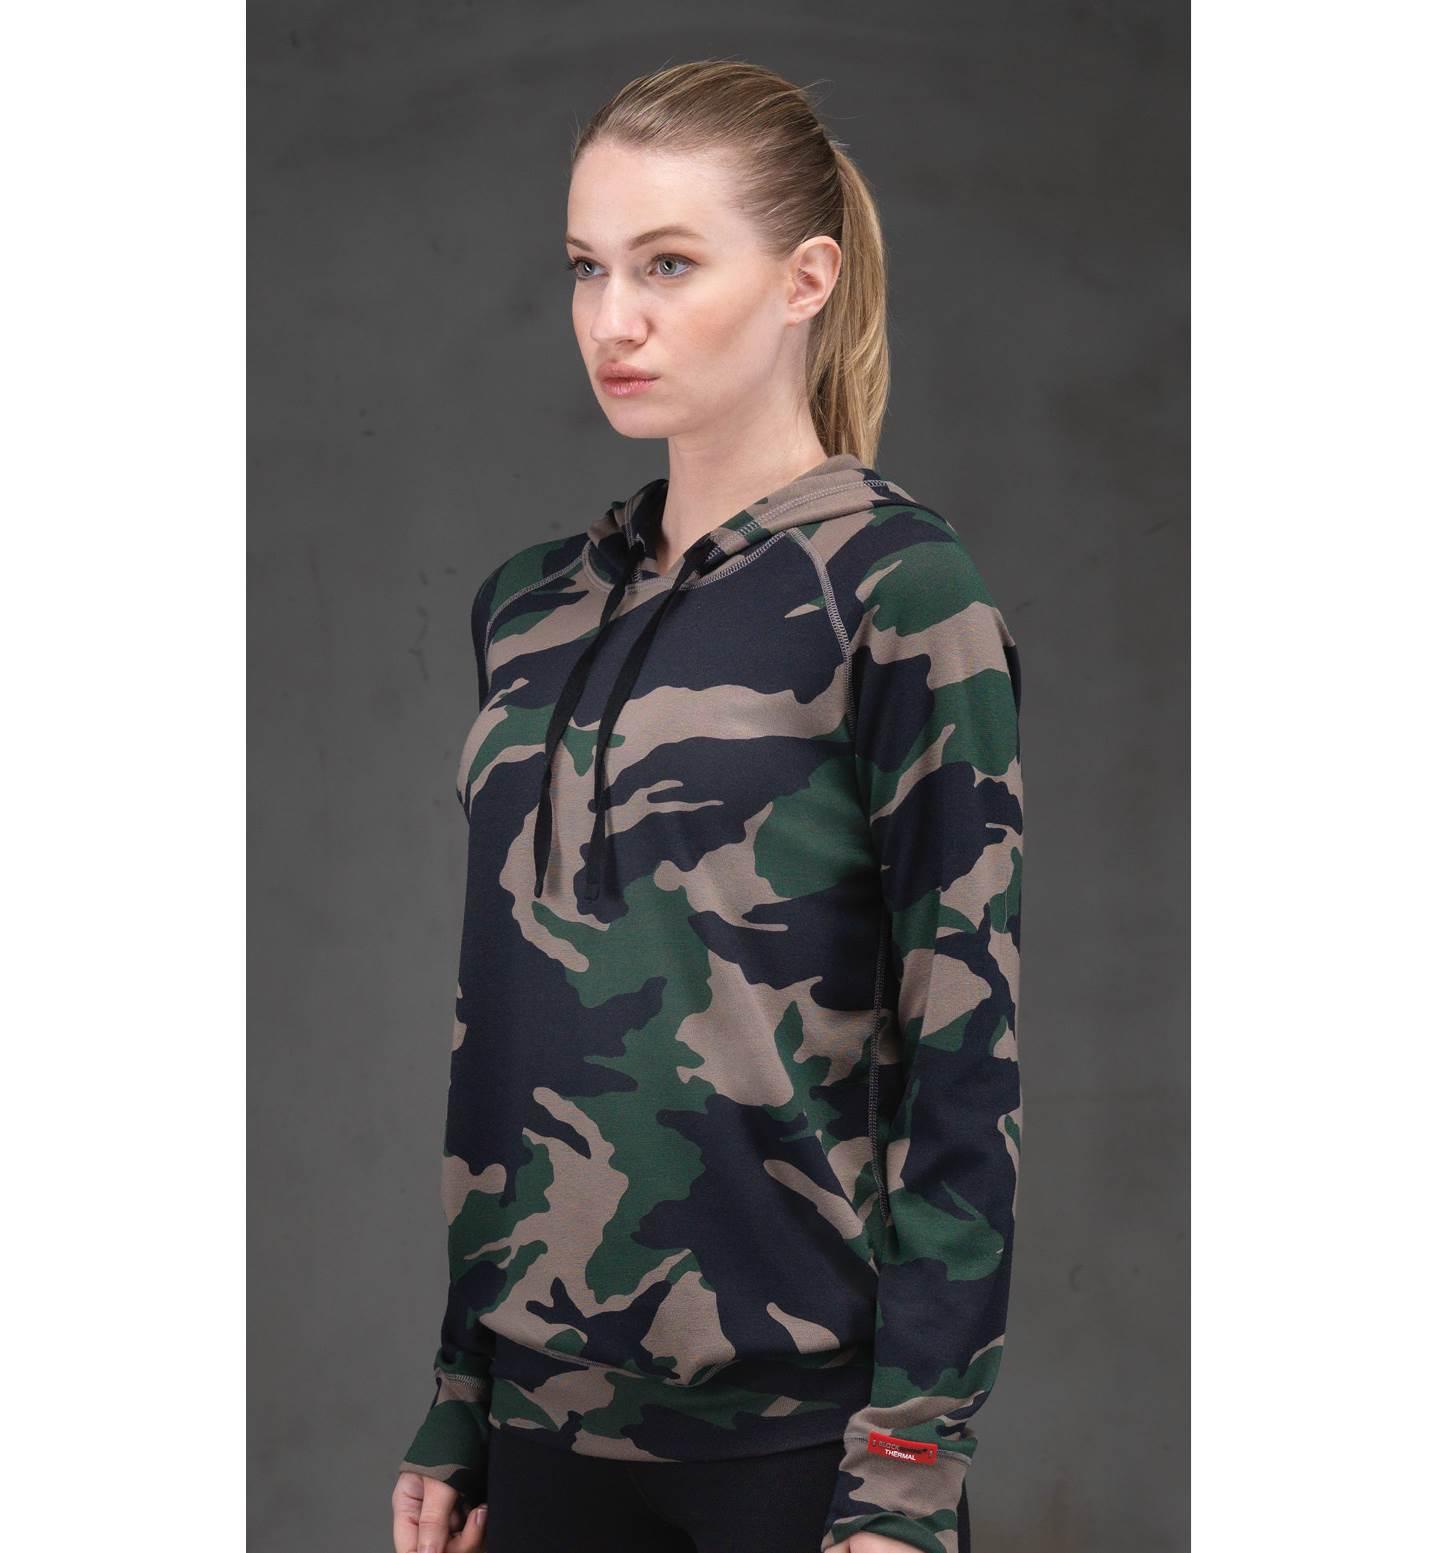 Kadın Termal Kapşonlu Sweatshirt 2. Seviye 6194 - Yeşil